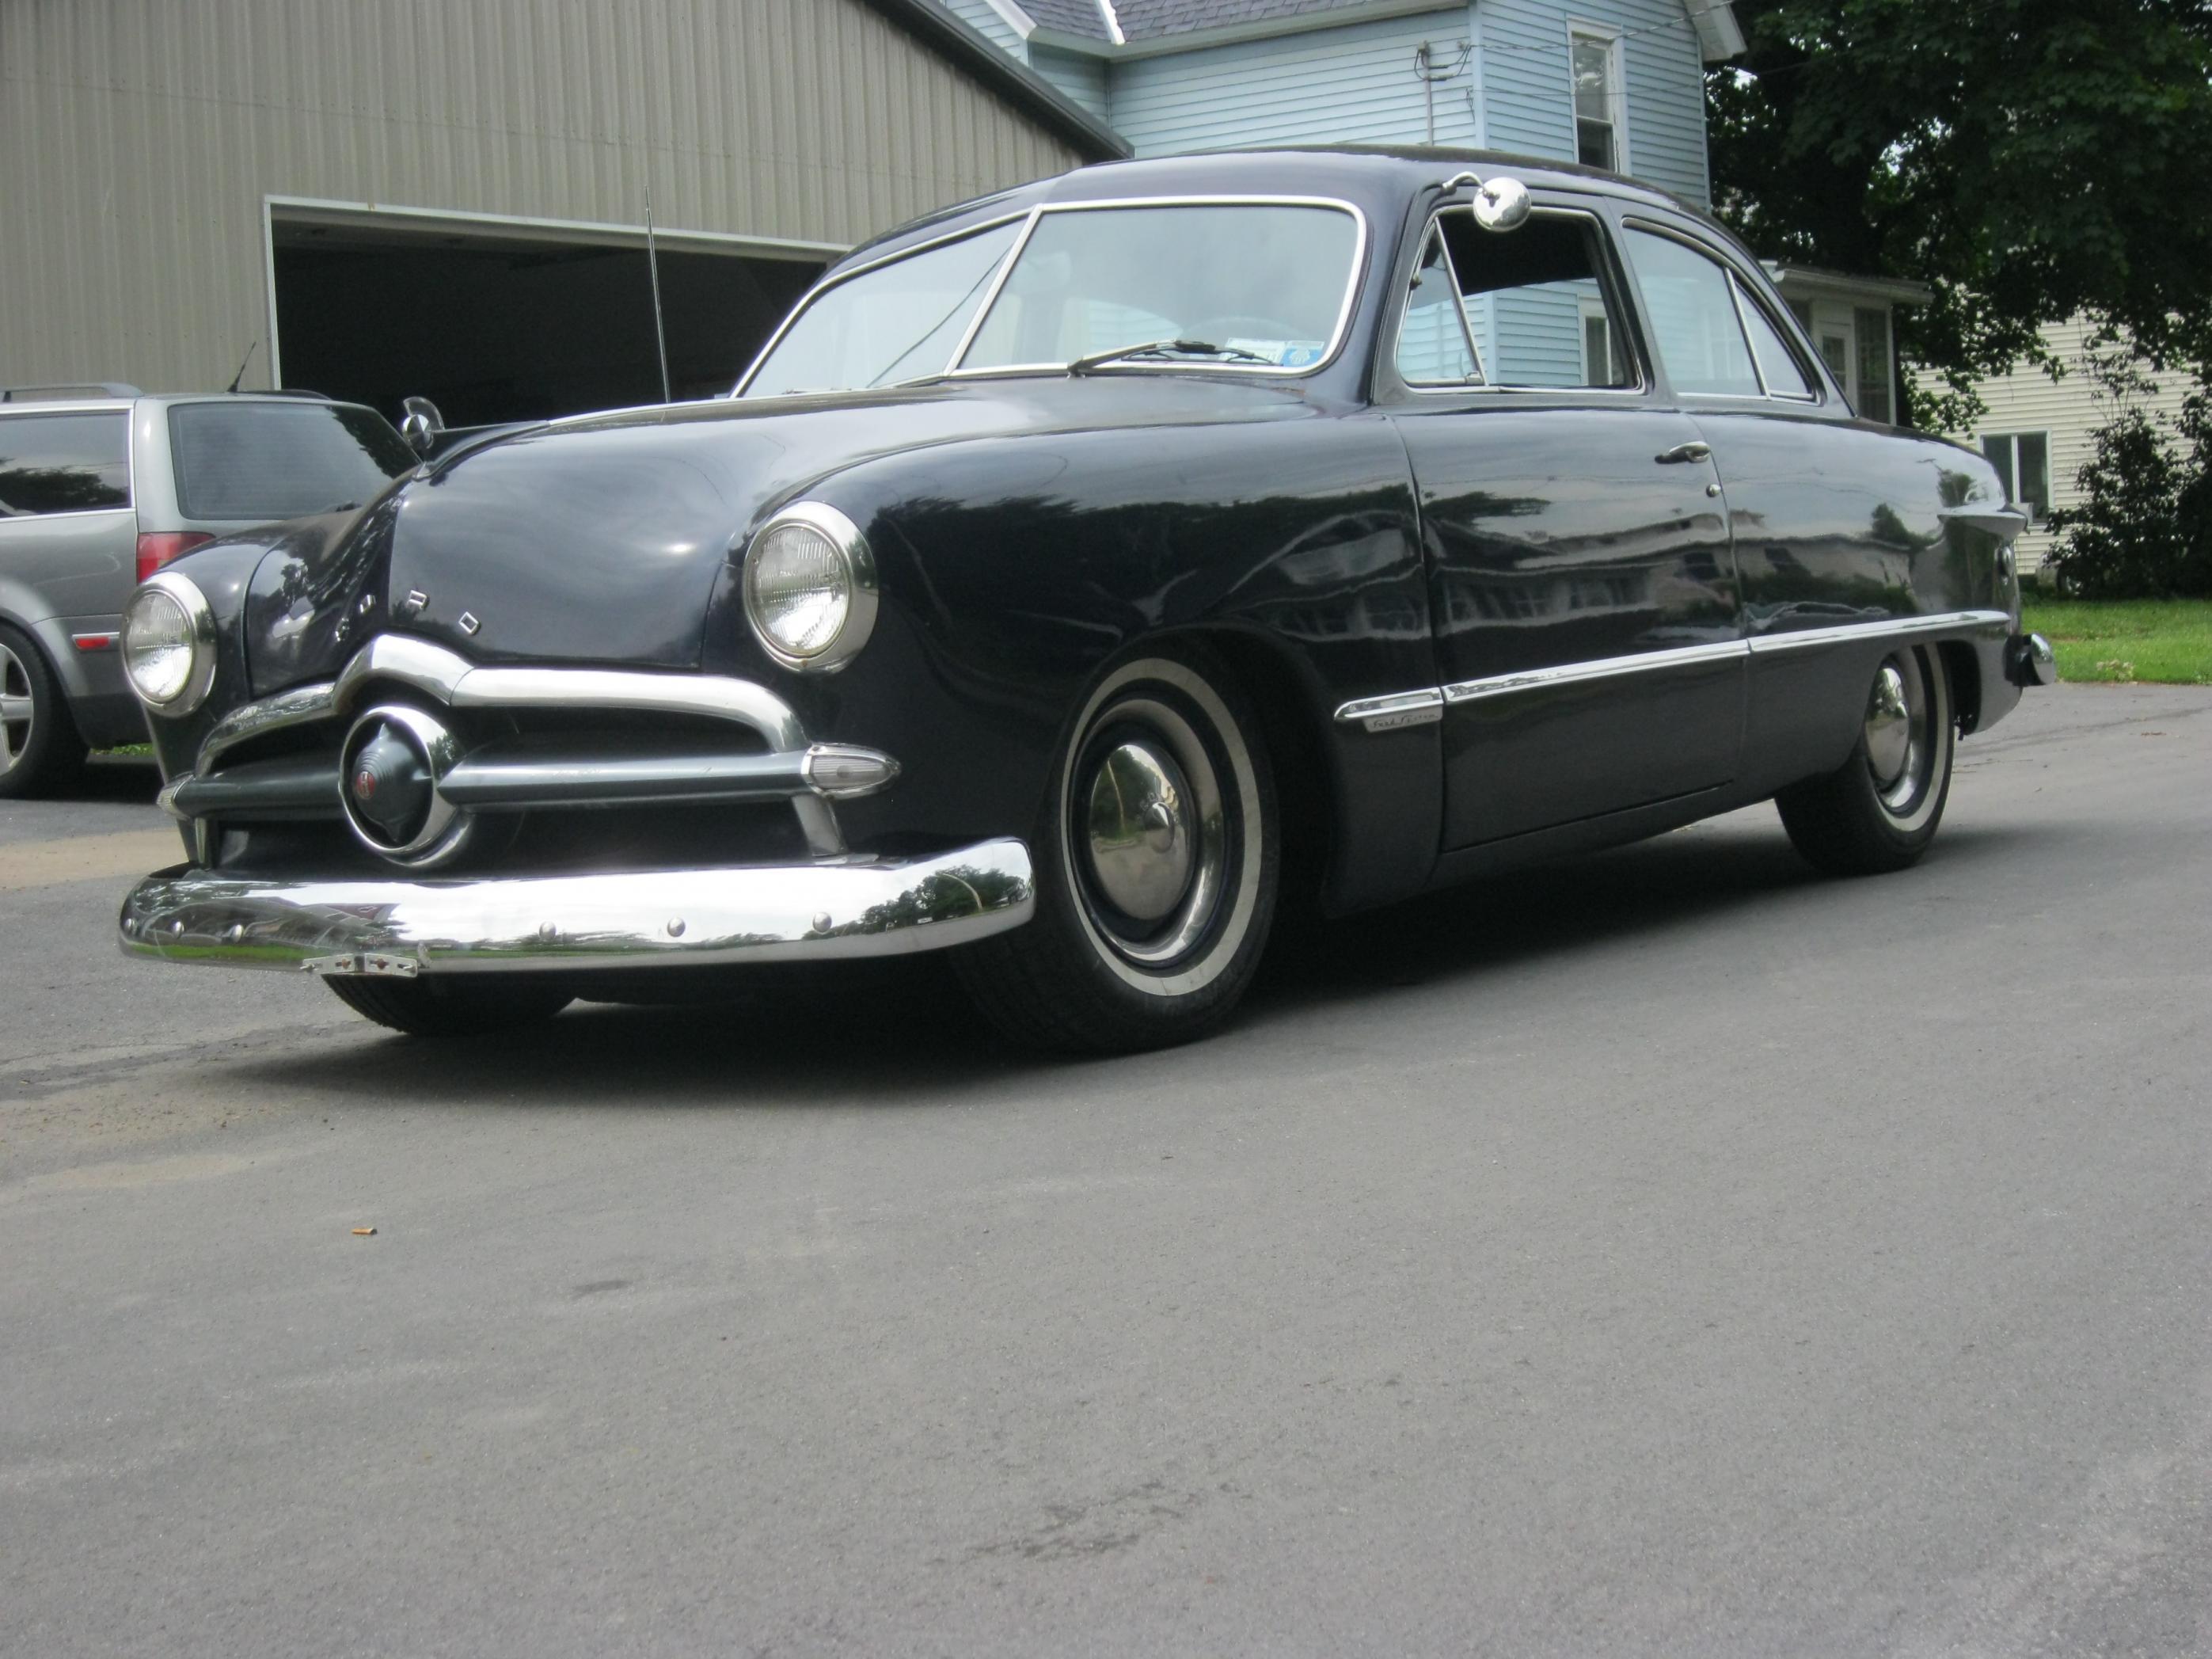 1949 ford sedan gasser viewing gallery